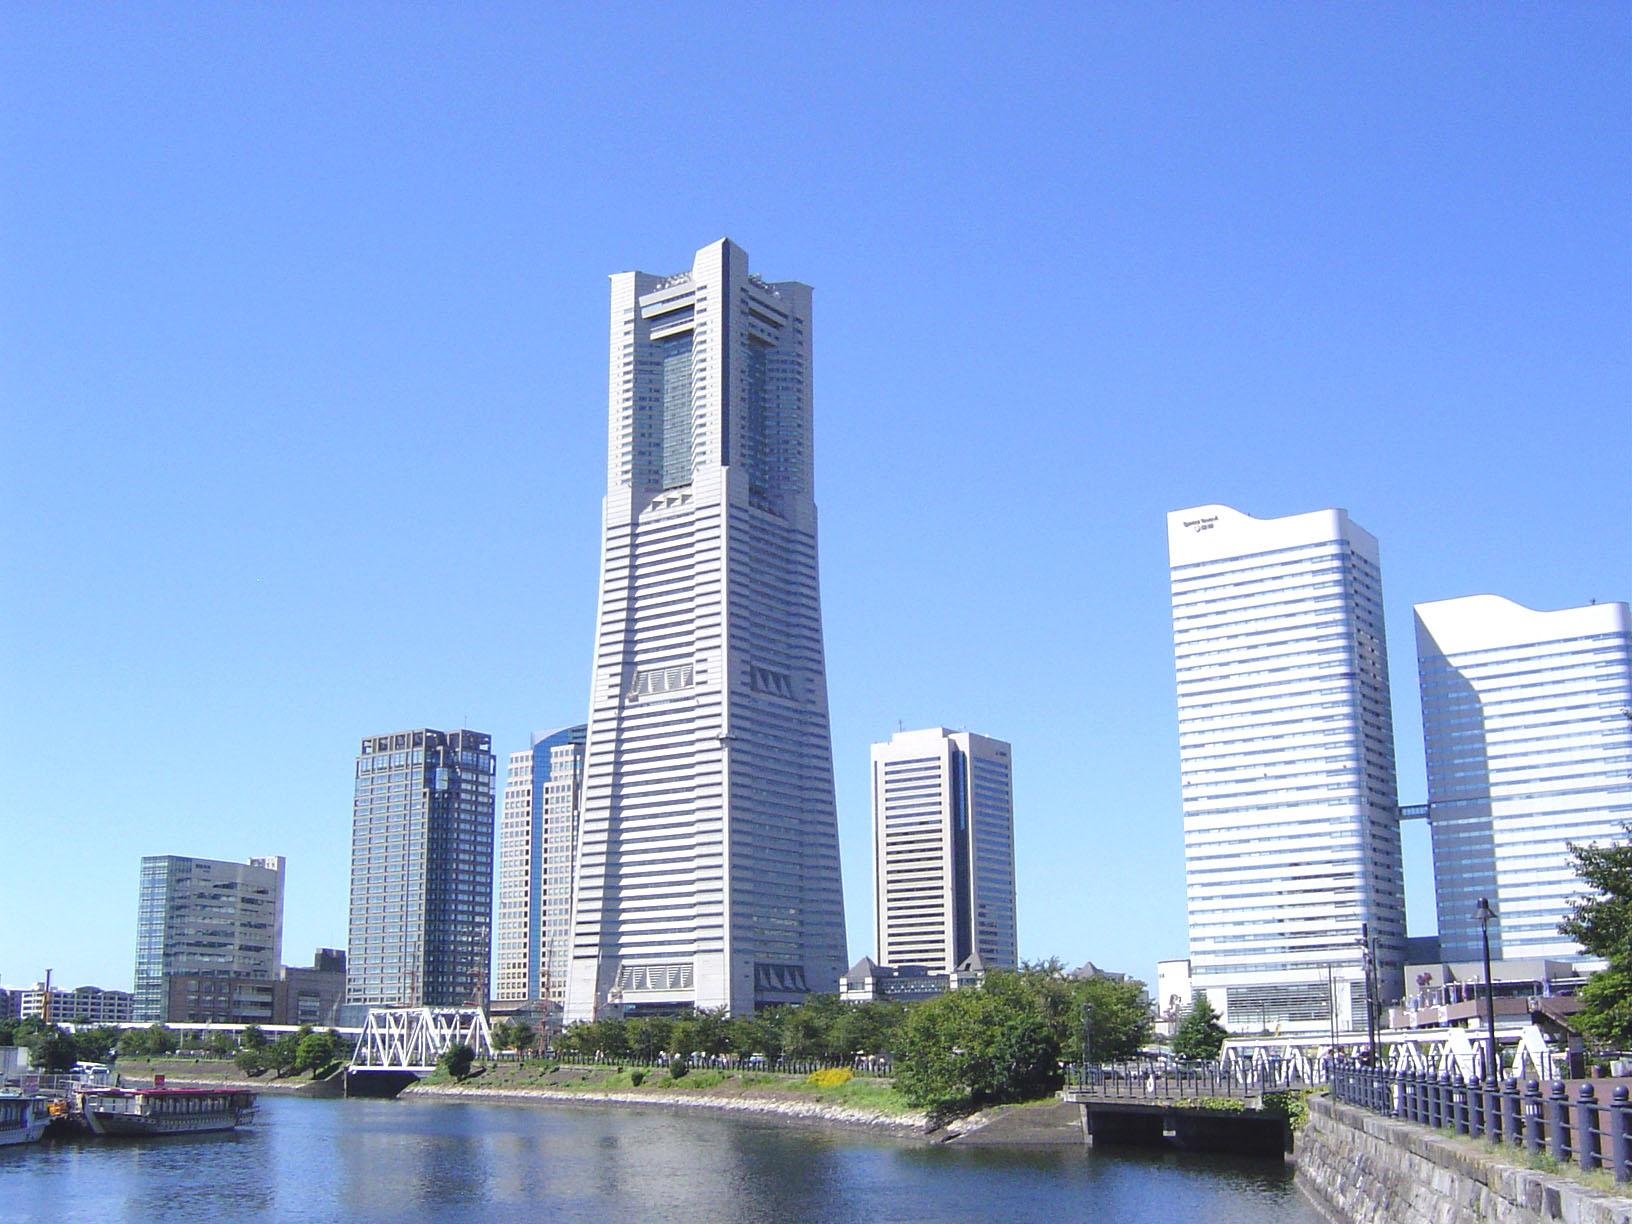 横浜のカプセルホテルに泊まるなら?女性も安心!安い施設も紹介!